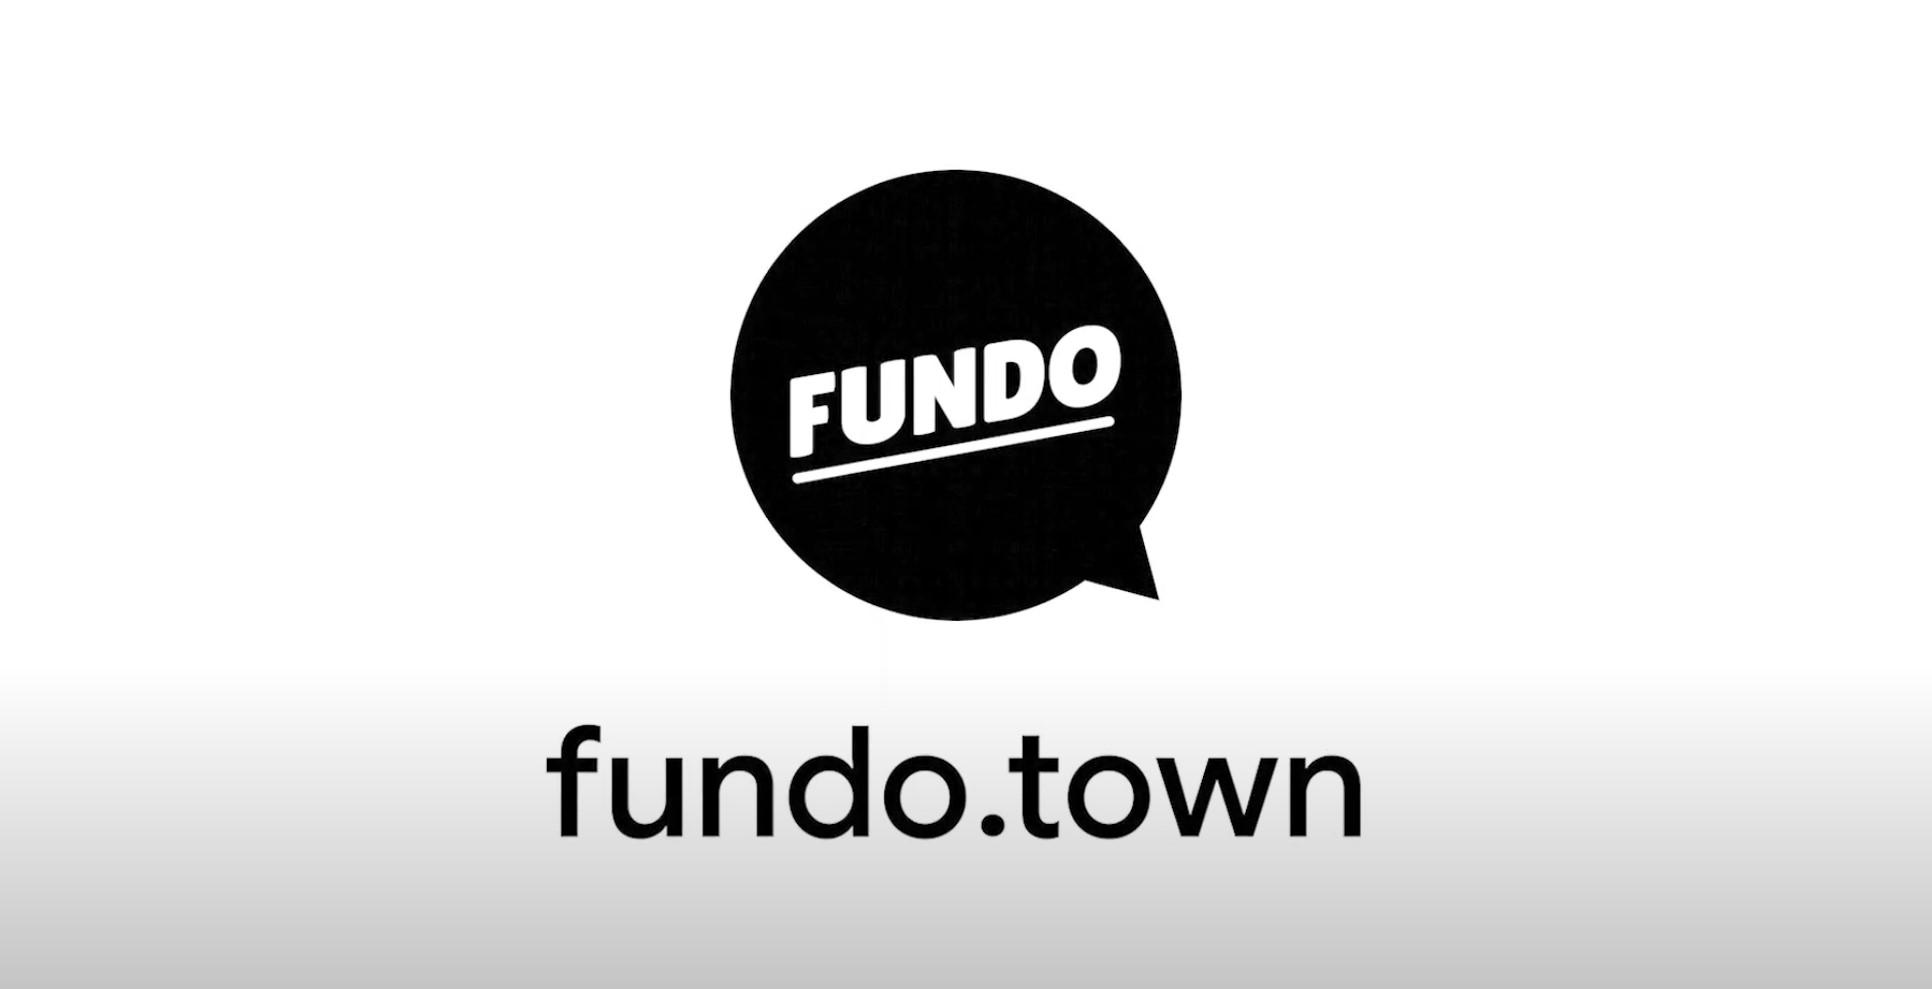 Fundo je nová služba pro (ne)placené události od Google Area 120